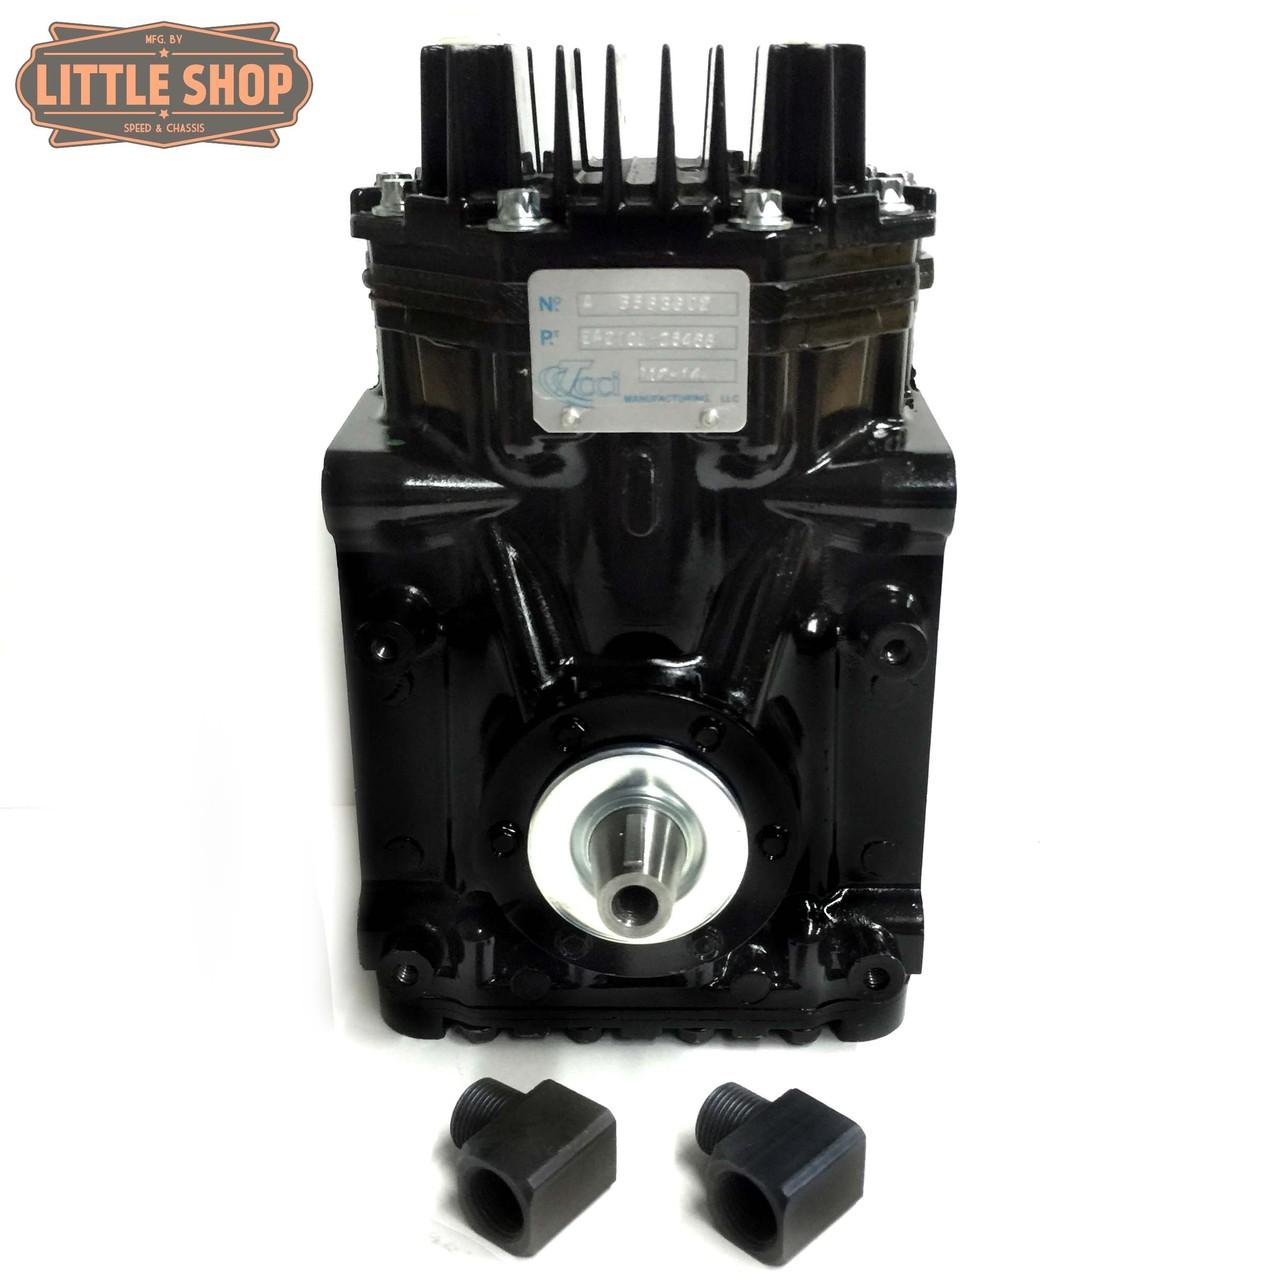 LSMFG-Pre V-SLM 90'-95' GM 4.3, 5.0, 5.7 Pre-Vortec Super Low Maintenance Engine Driven Compressor Kit (same kit as EDC kit but with upgraded SLM compressor)